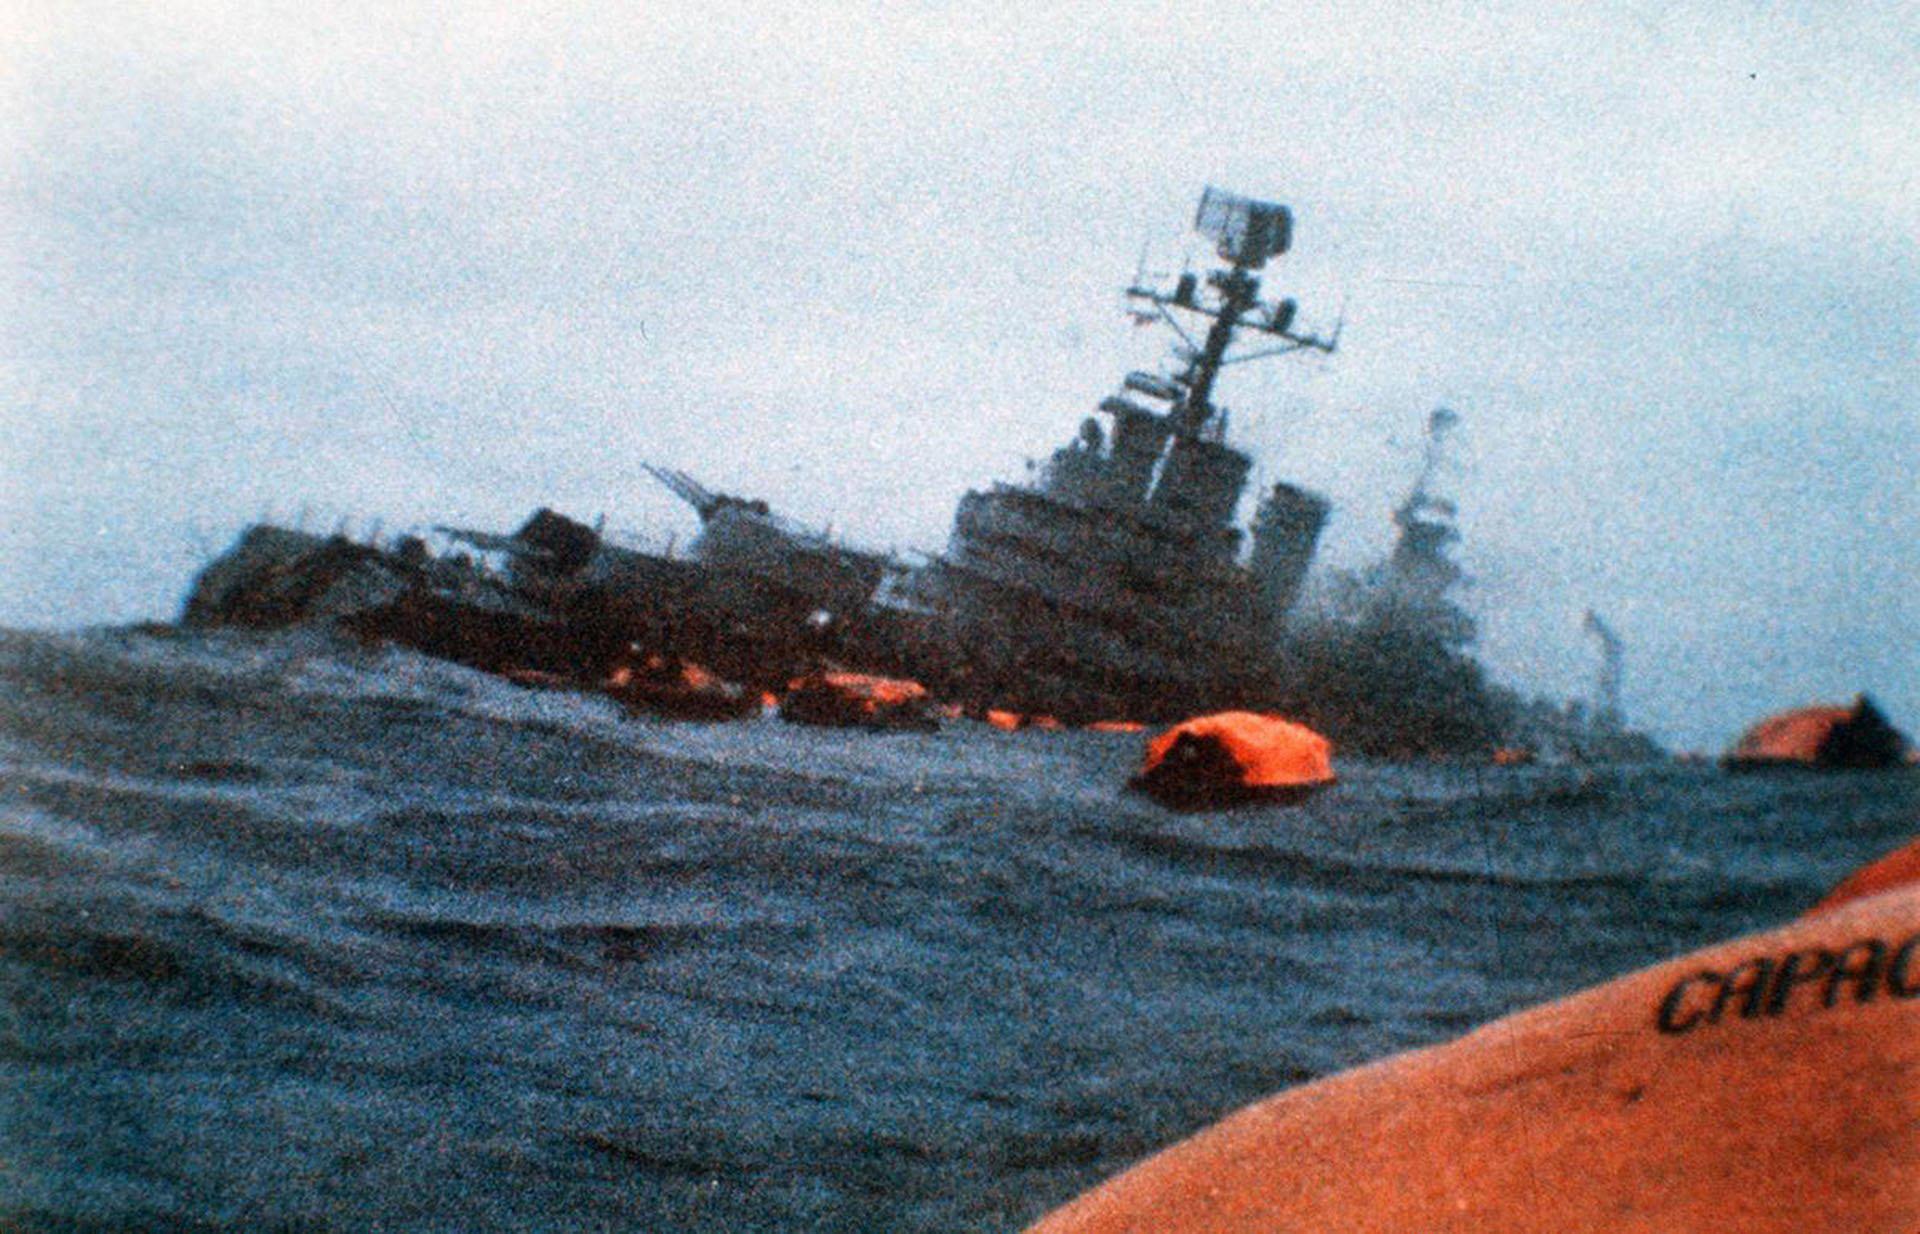 El hundimiento del ARA General Belgrano se produjo el domingo 2 de mayo de 1982 porel ataque del submarino nuclear británico HMS Conqueror. Llevaba 1091 tripulantes, murieron 323 (AP)